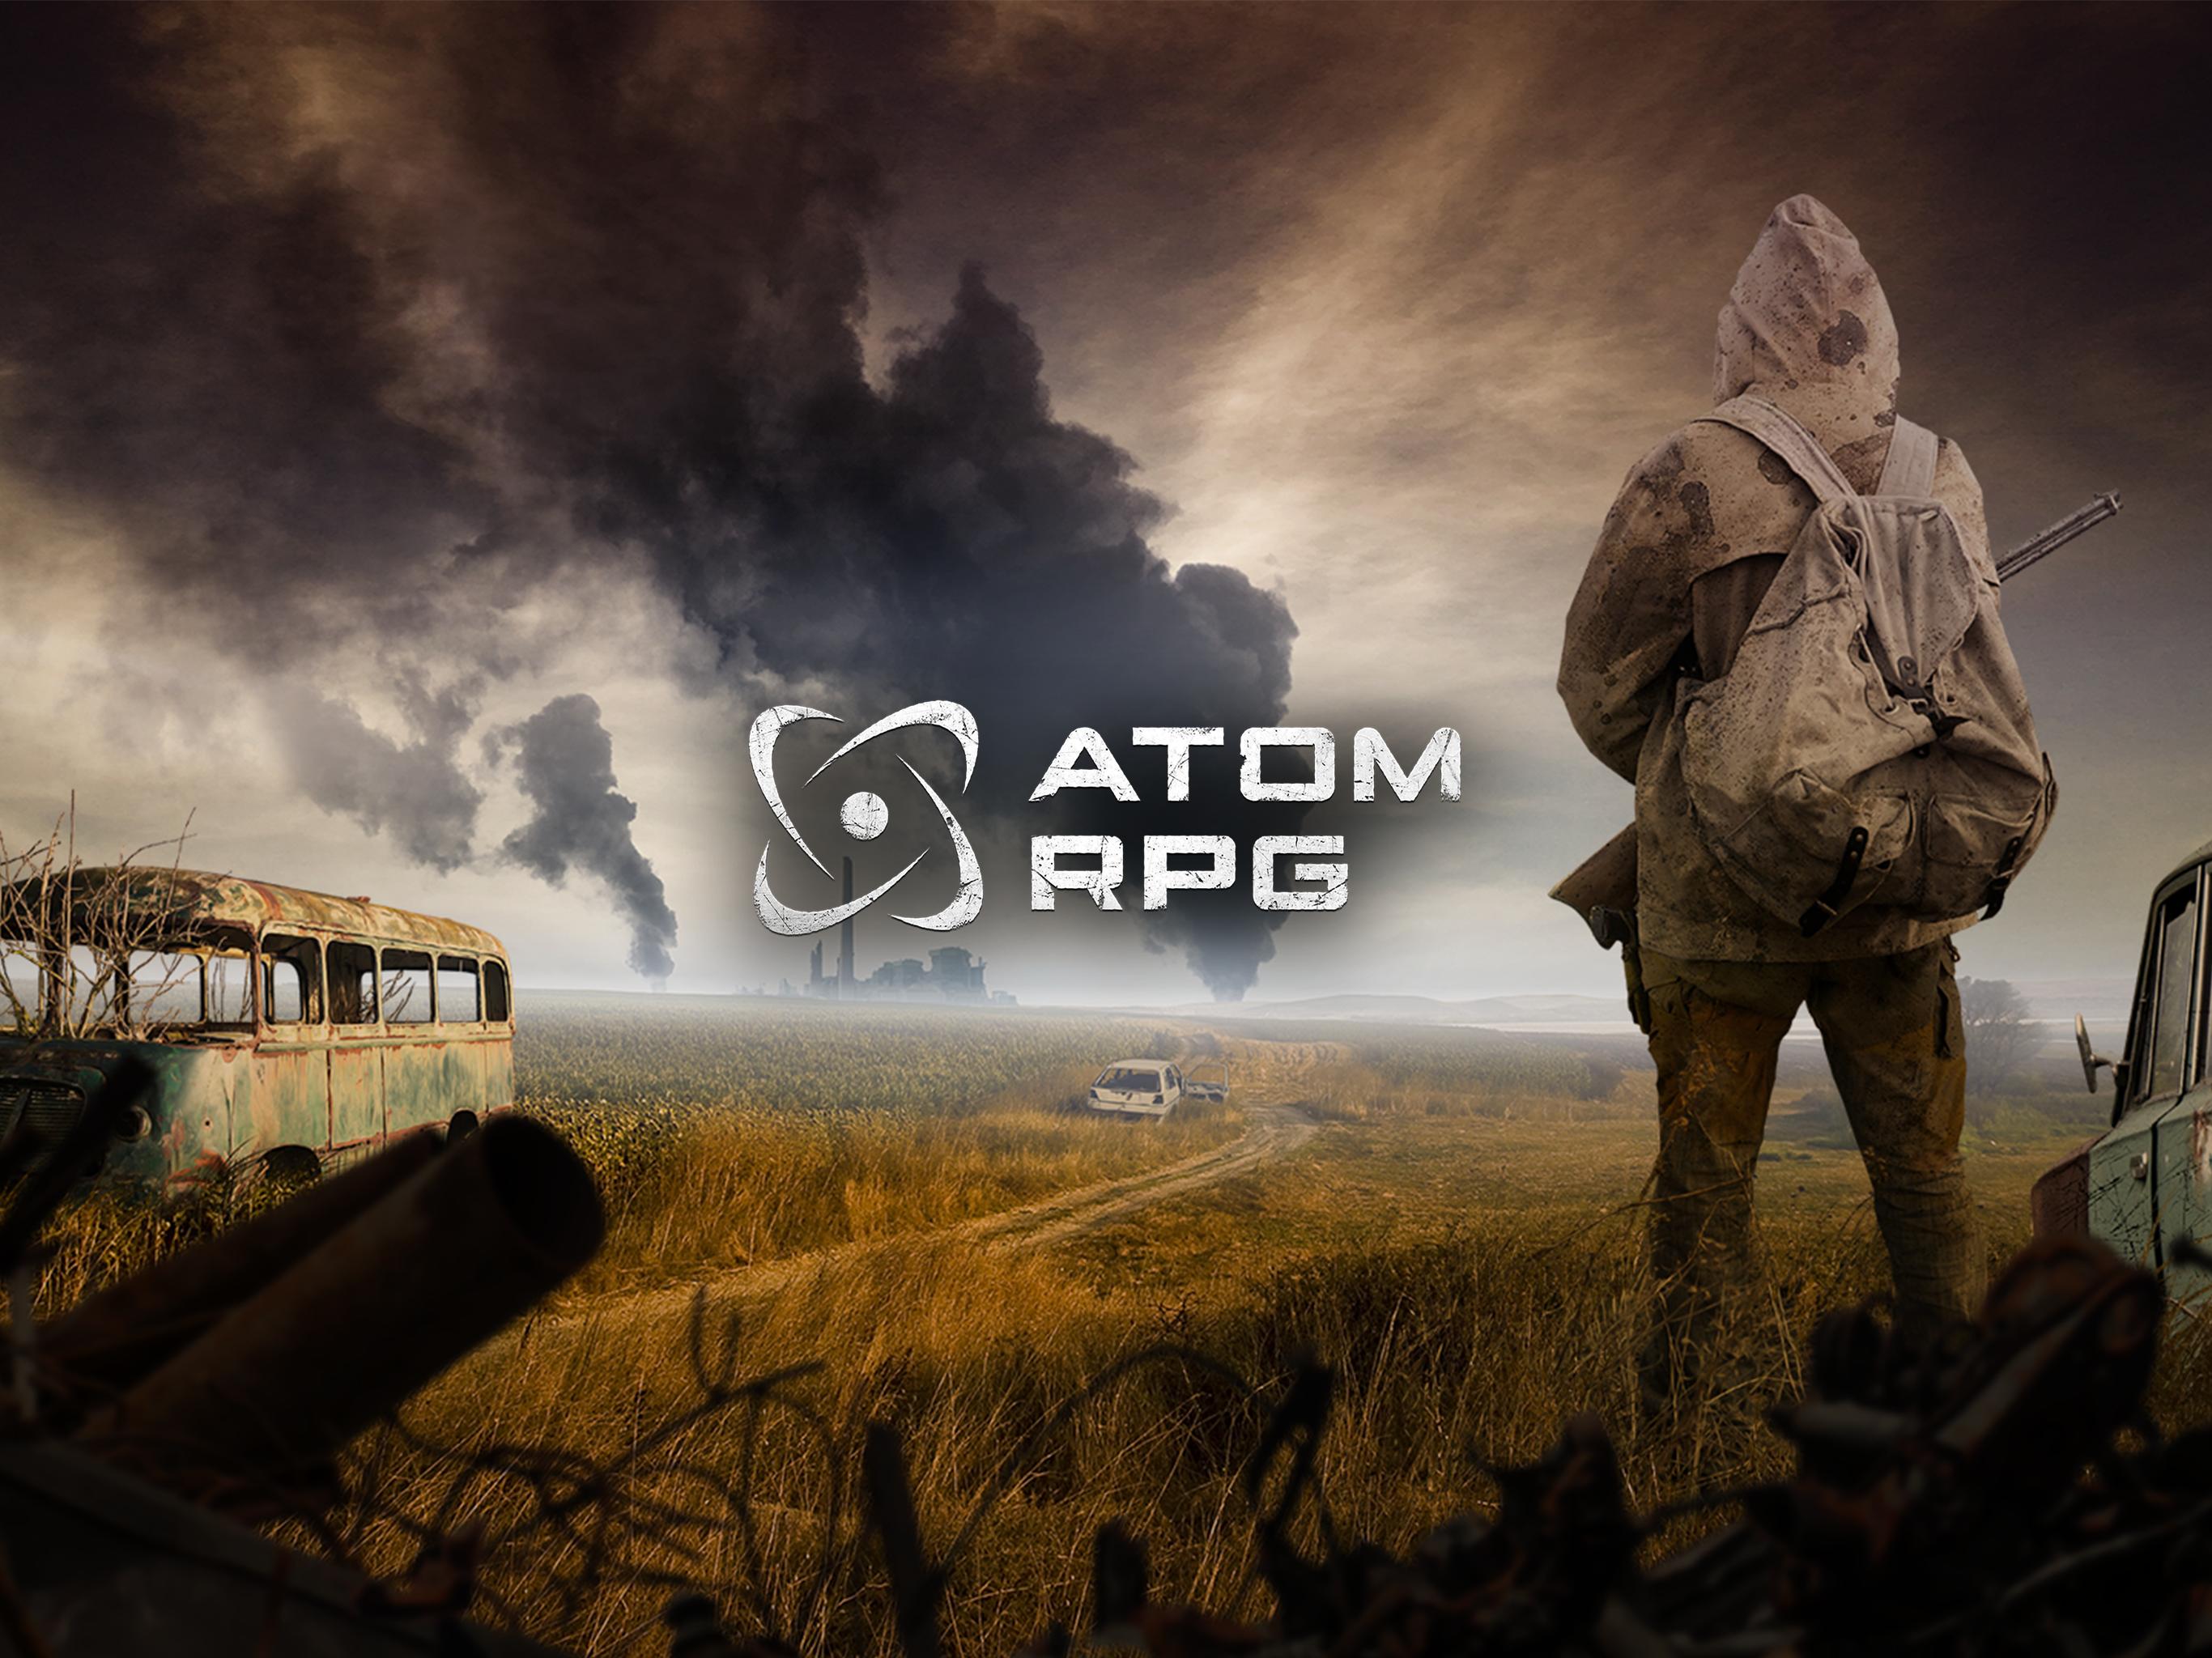 ATOM RPG выйдет на iOS 29 мая - версия для Андроид выйдет чуть позже